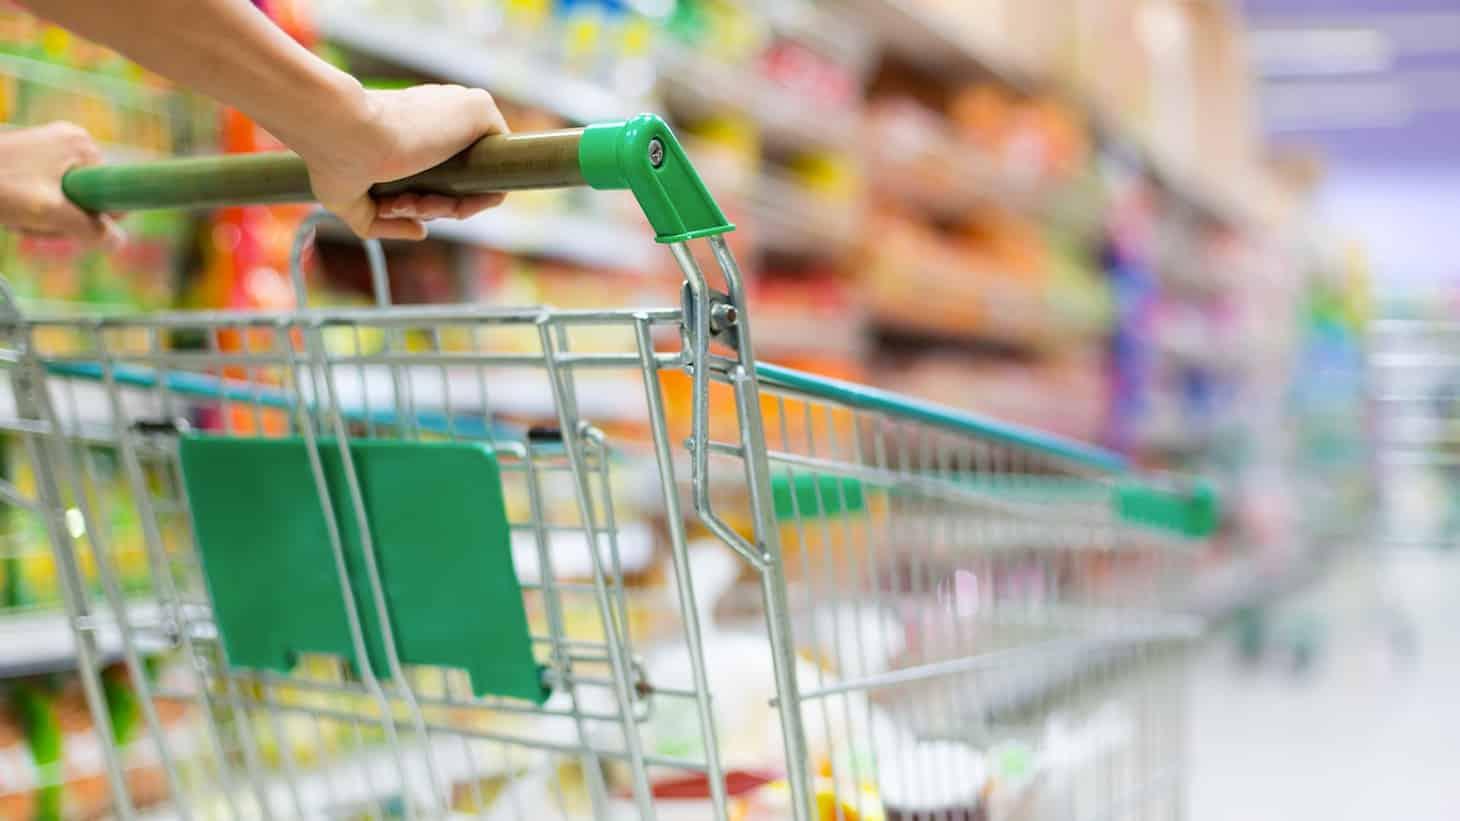 σούπερ μάρκετ Αγίου Πνεύματος 2019: Πού είναι αργία για καταστήματα και super market Αλλαγή ΦΠΑ 2019: Μείωση ΦΠΑ τροφίμων 2019 & υπηρεσιών - Λίστα